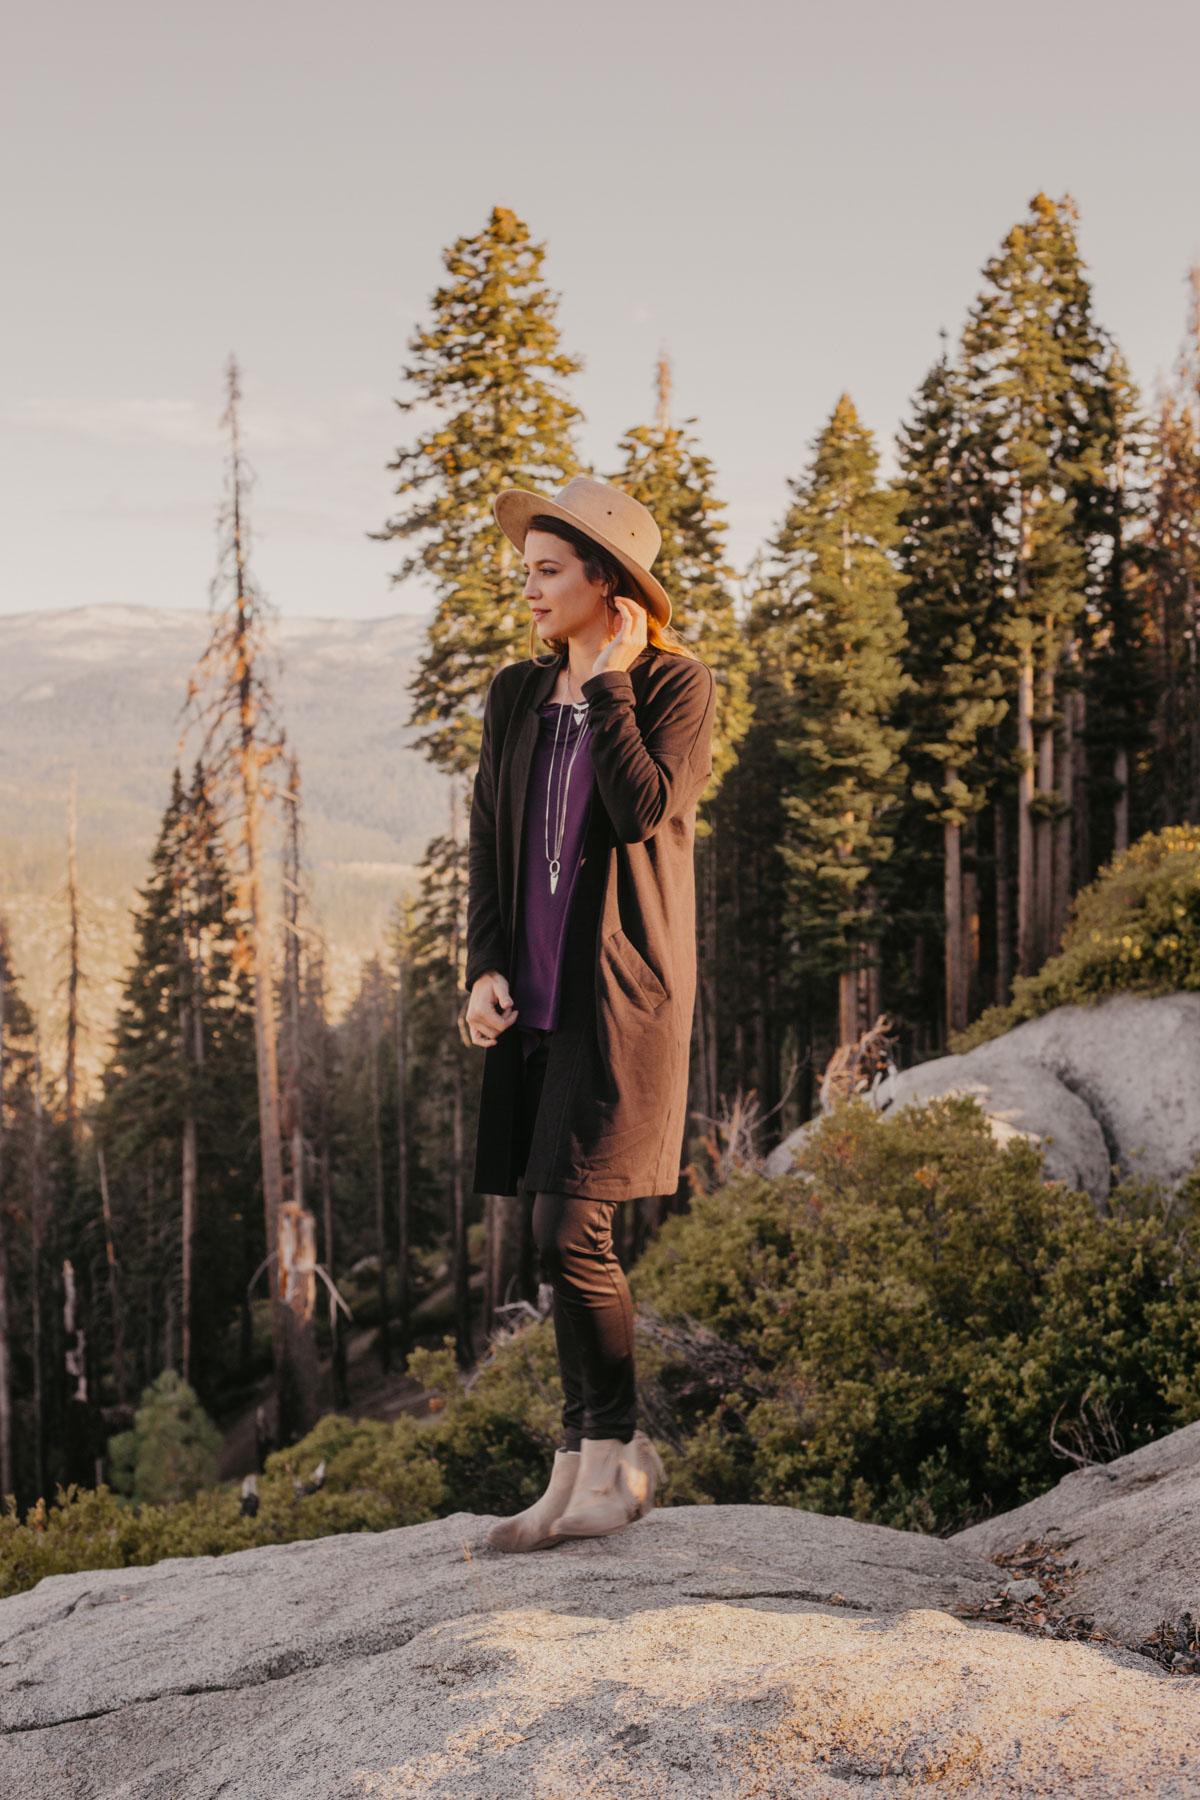 ACC-Yosemite-LNBF-WebSize-1810013.jpg